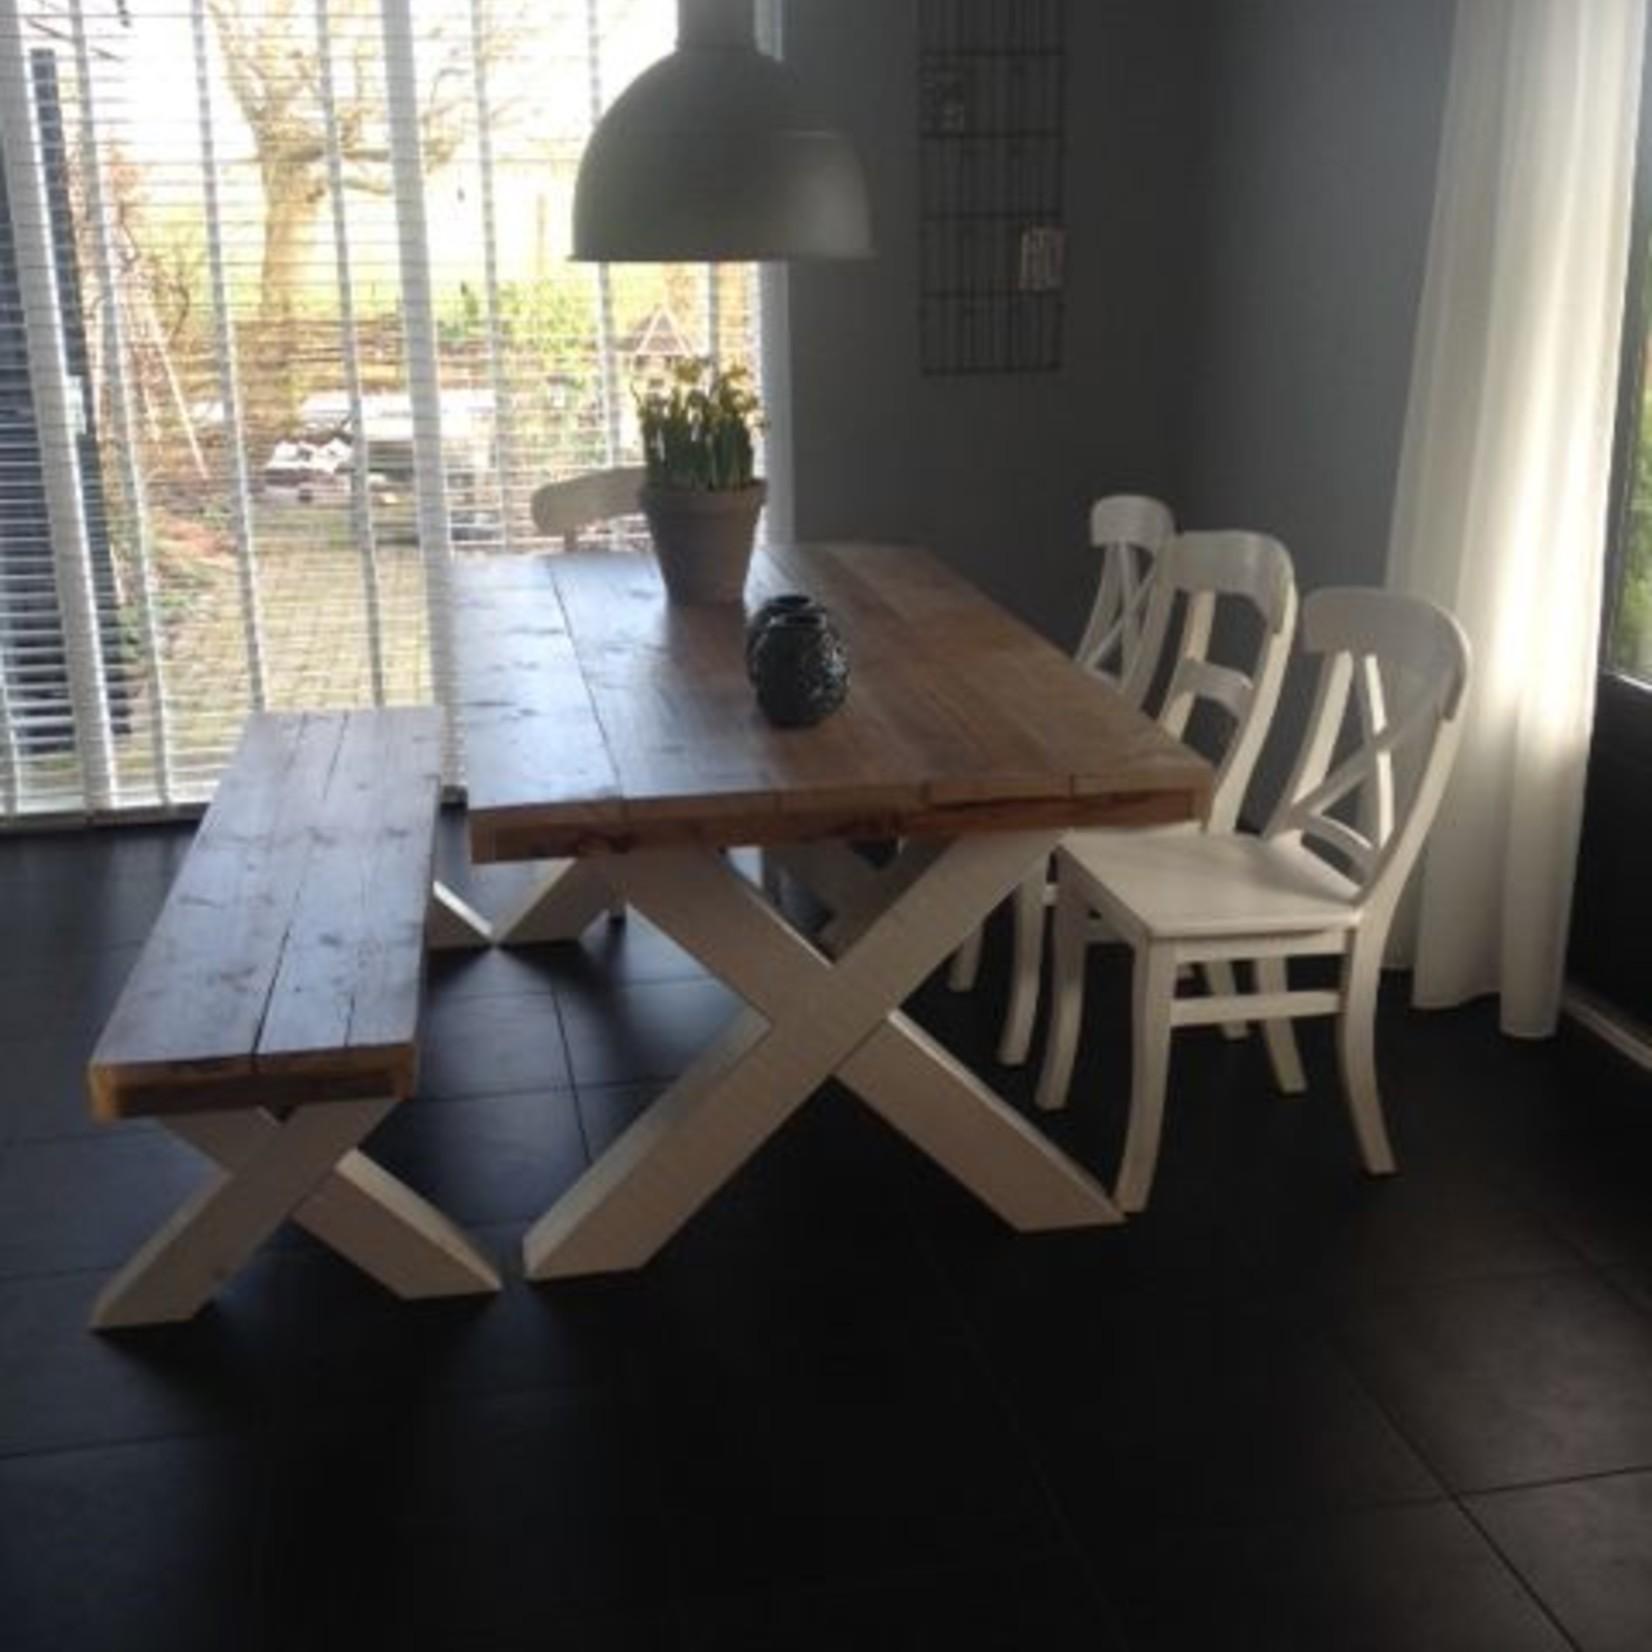 Zitting bankje 60x60/300 - Steigerhout